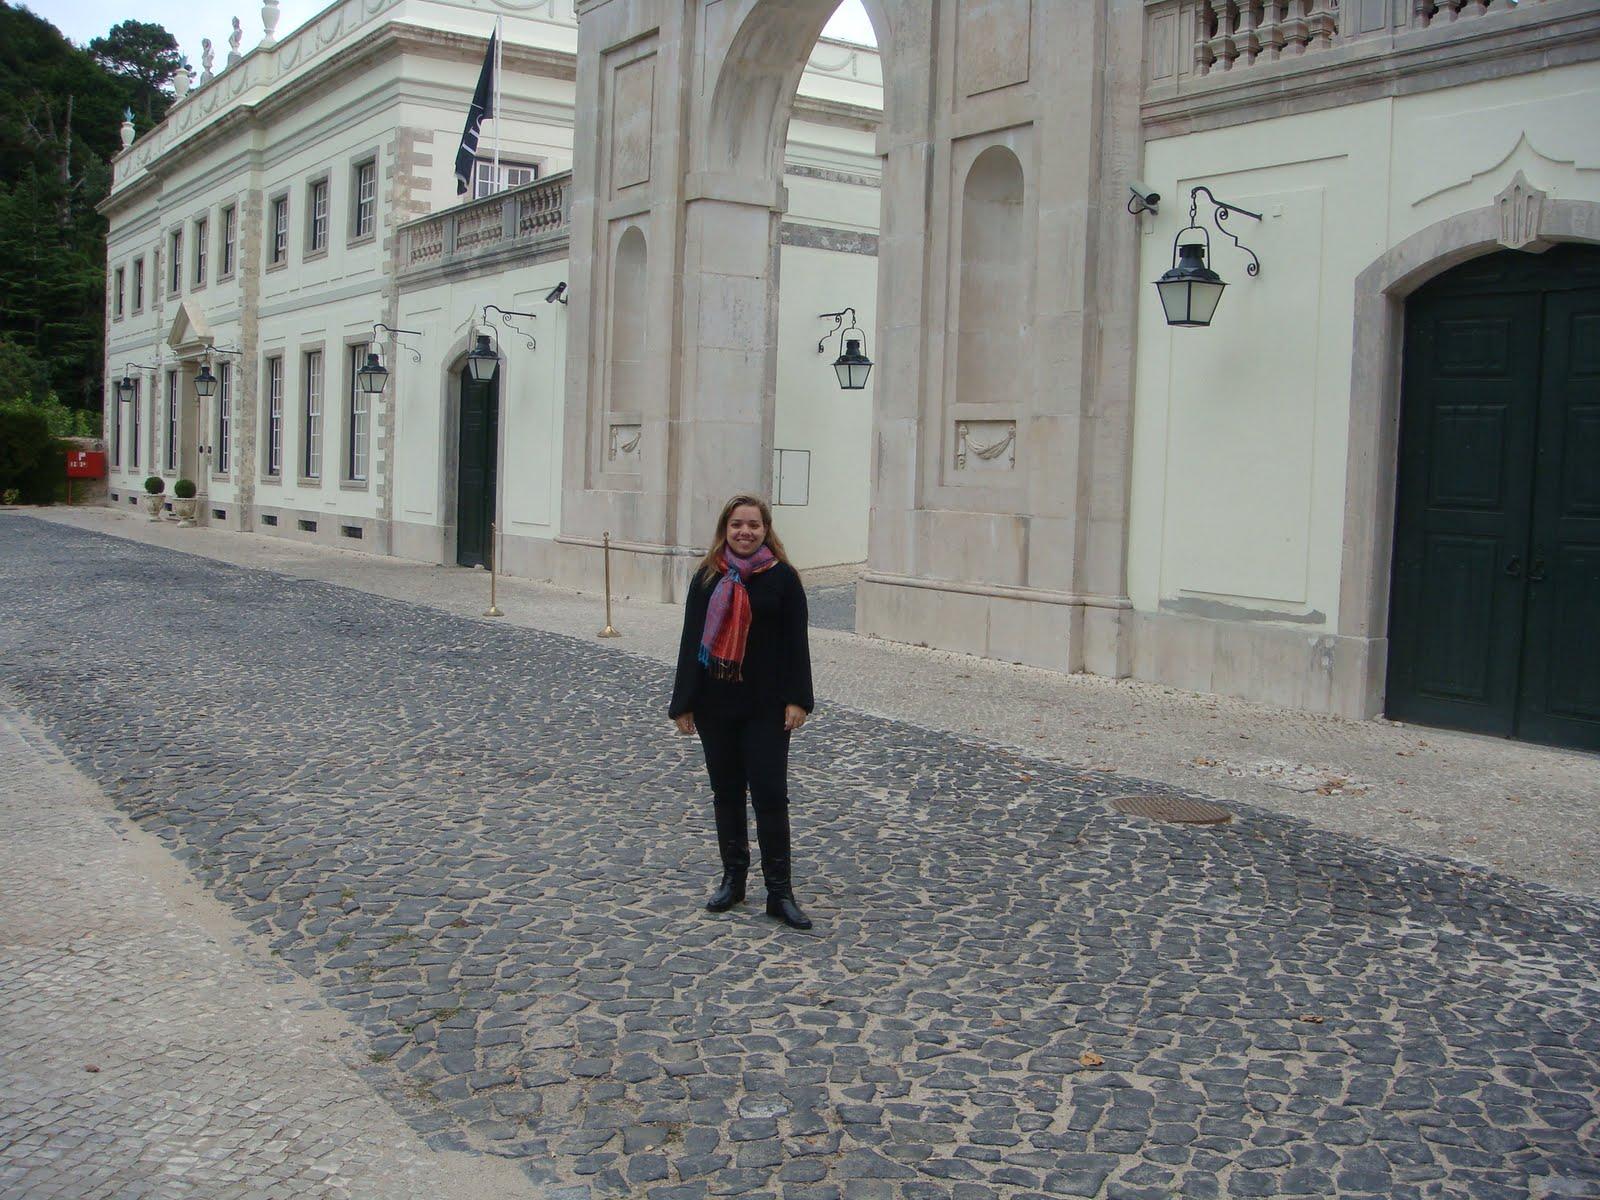 Tivoli em Sintra lindo mas nao nos deixaram ir ao banheiro! kkkk #63413D 1600 1200